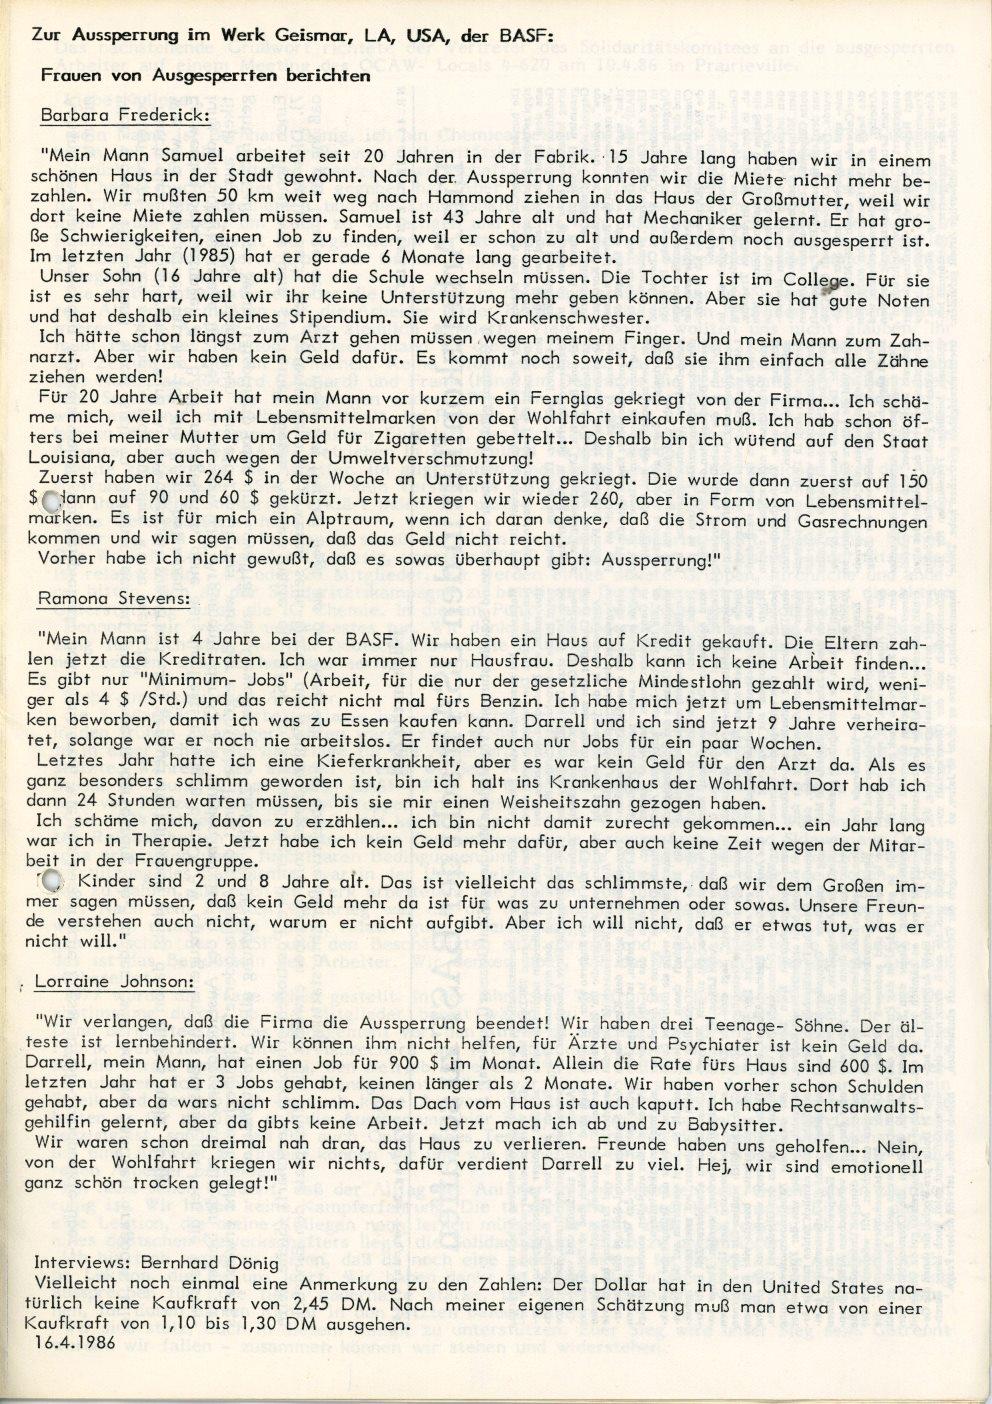 USA_BASF_Aussperrung_in_Geismar_1986_2_13